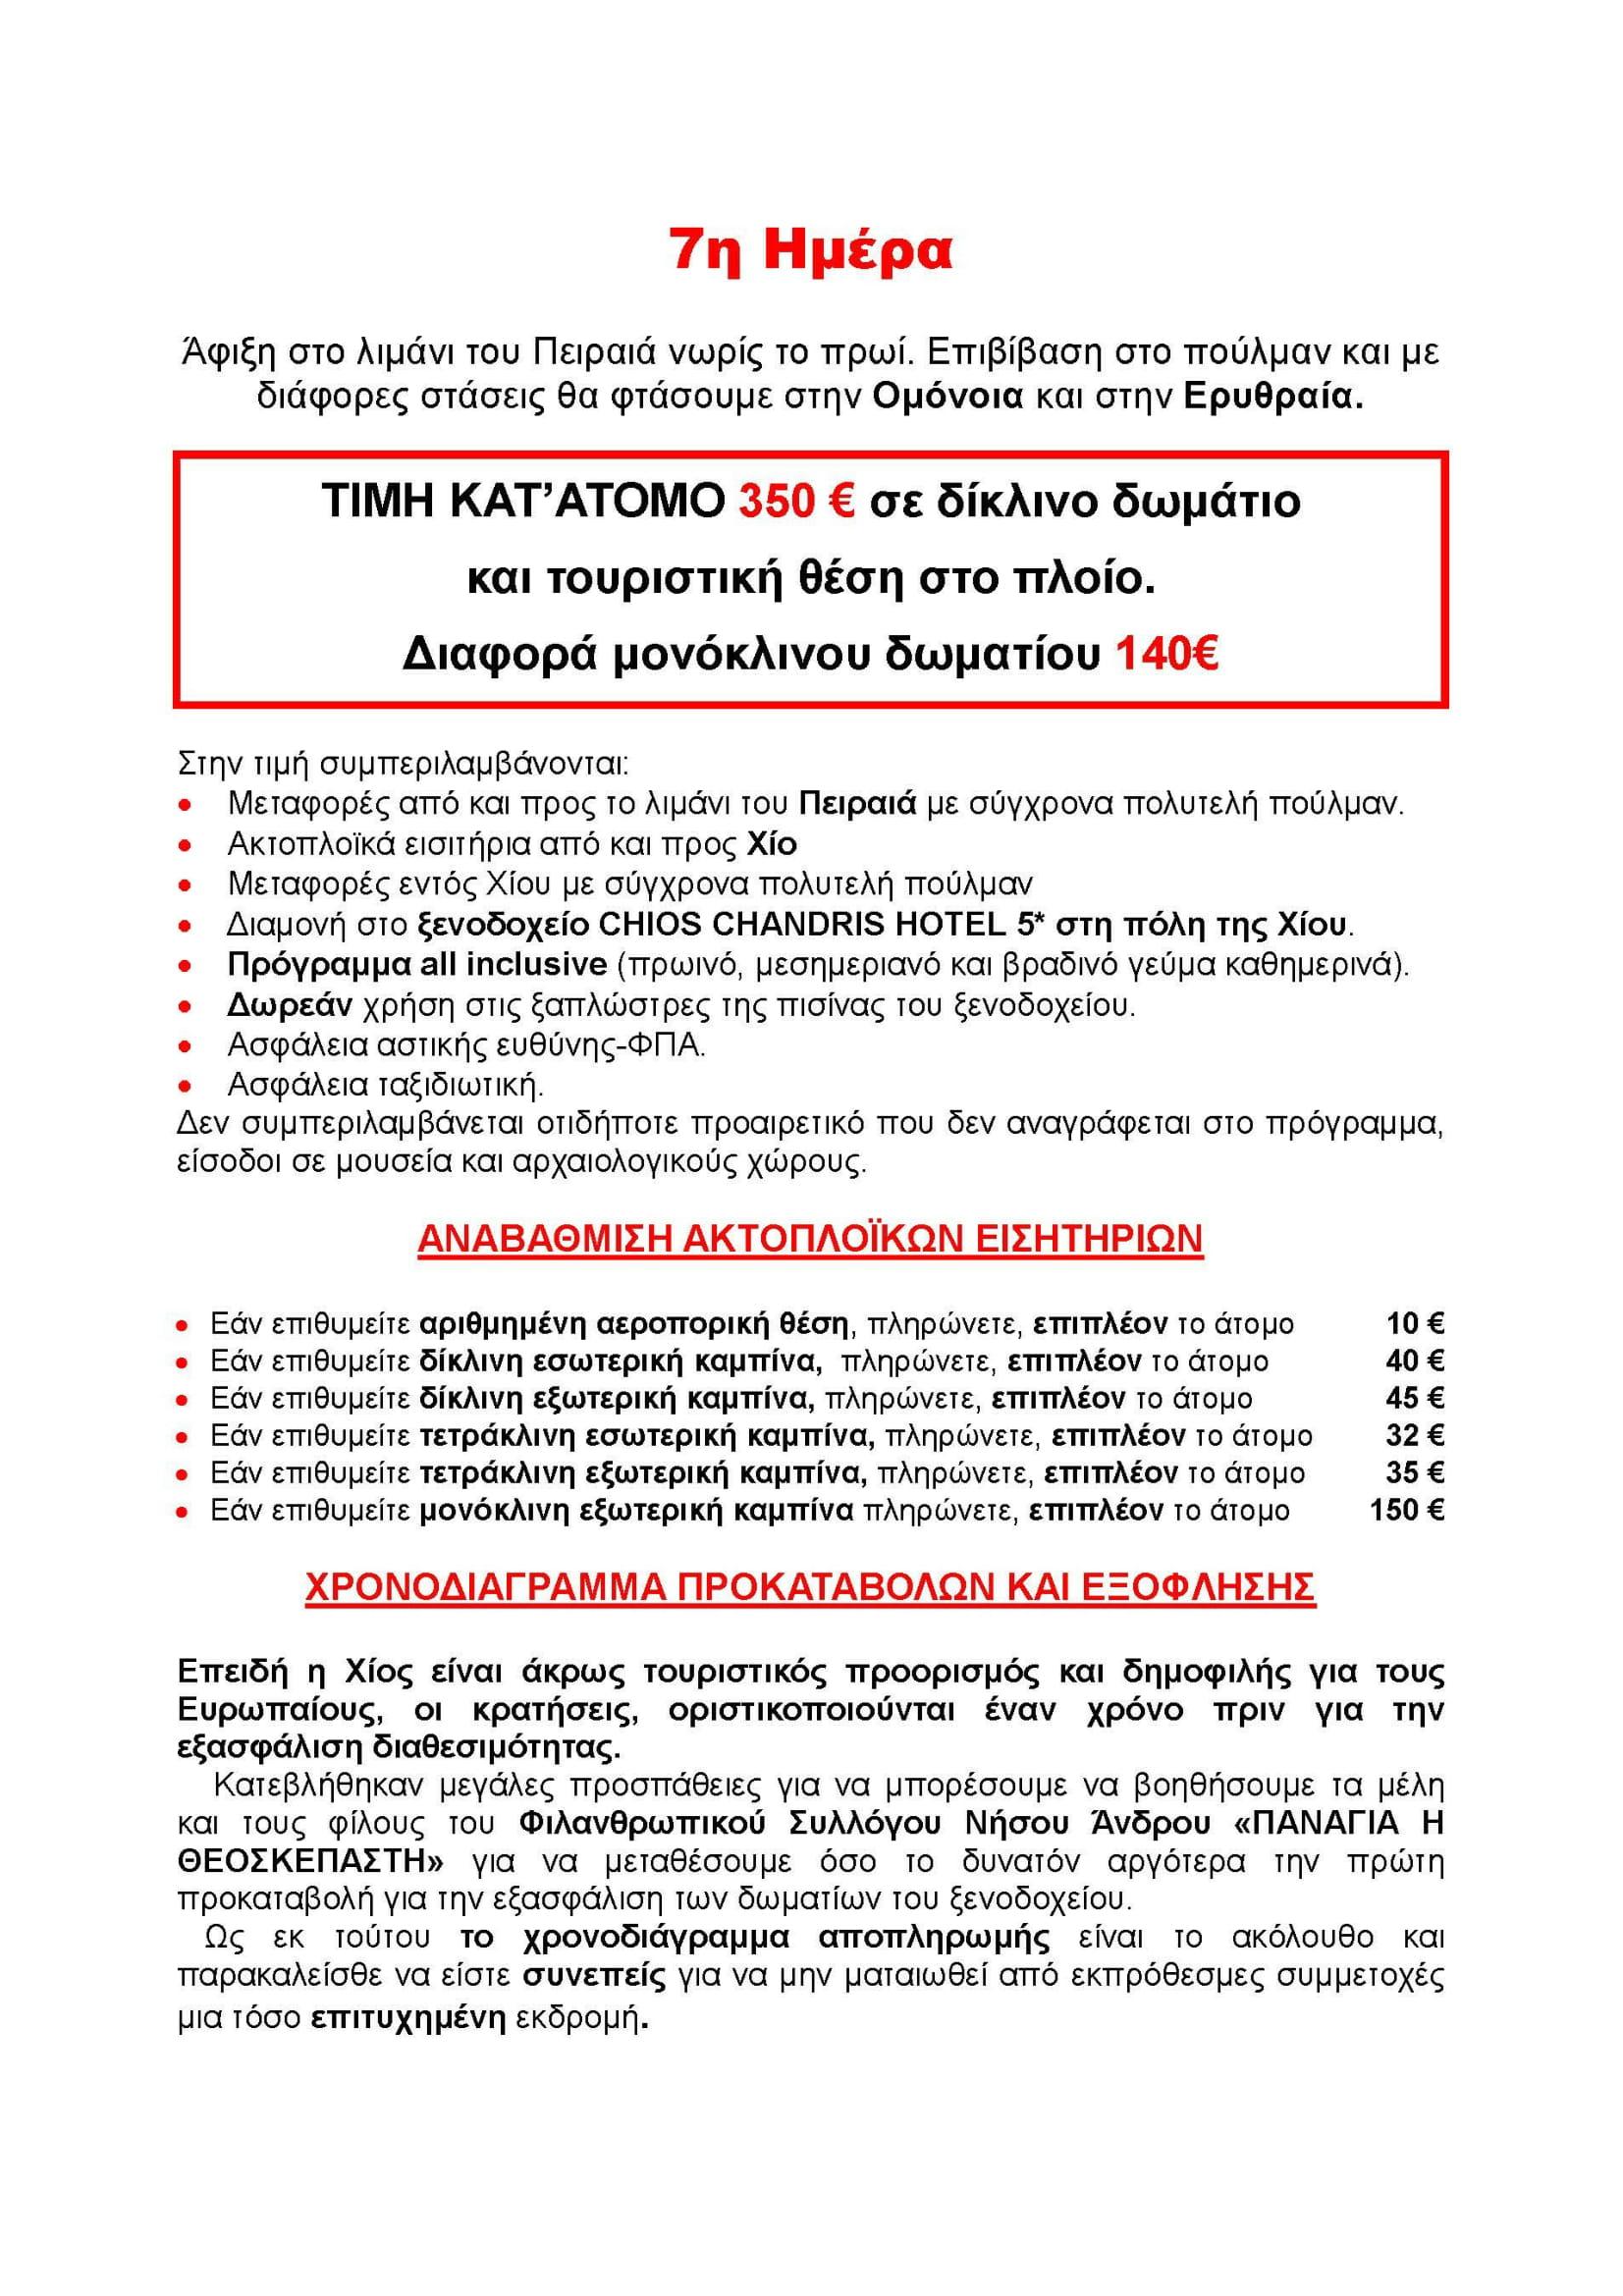 ΠΡΟΓΡΑΜΜΑ ΕΚΔΡΟΜΗΣ ΧΙΟΥ ΔΕΥΤΕΡΗ ΕΙΔΟΠΟΙΗΣΗ-22